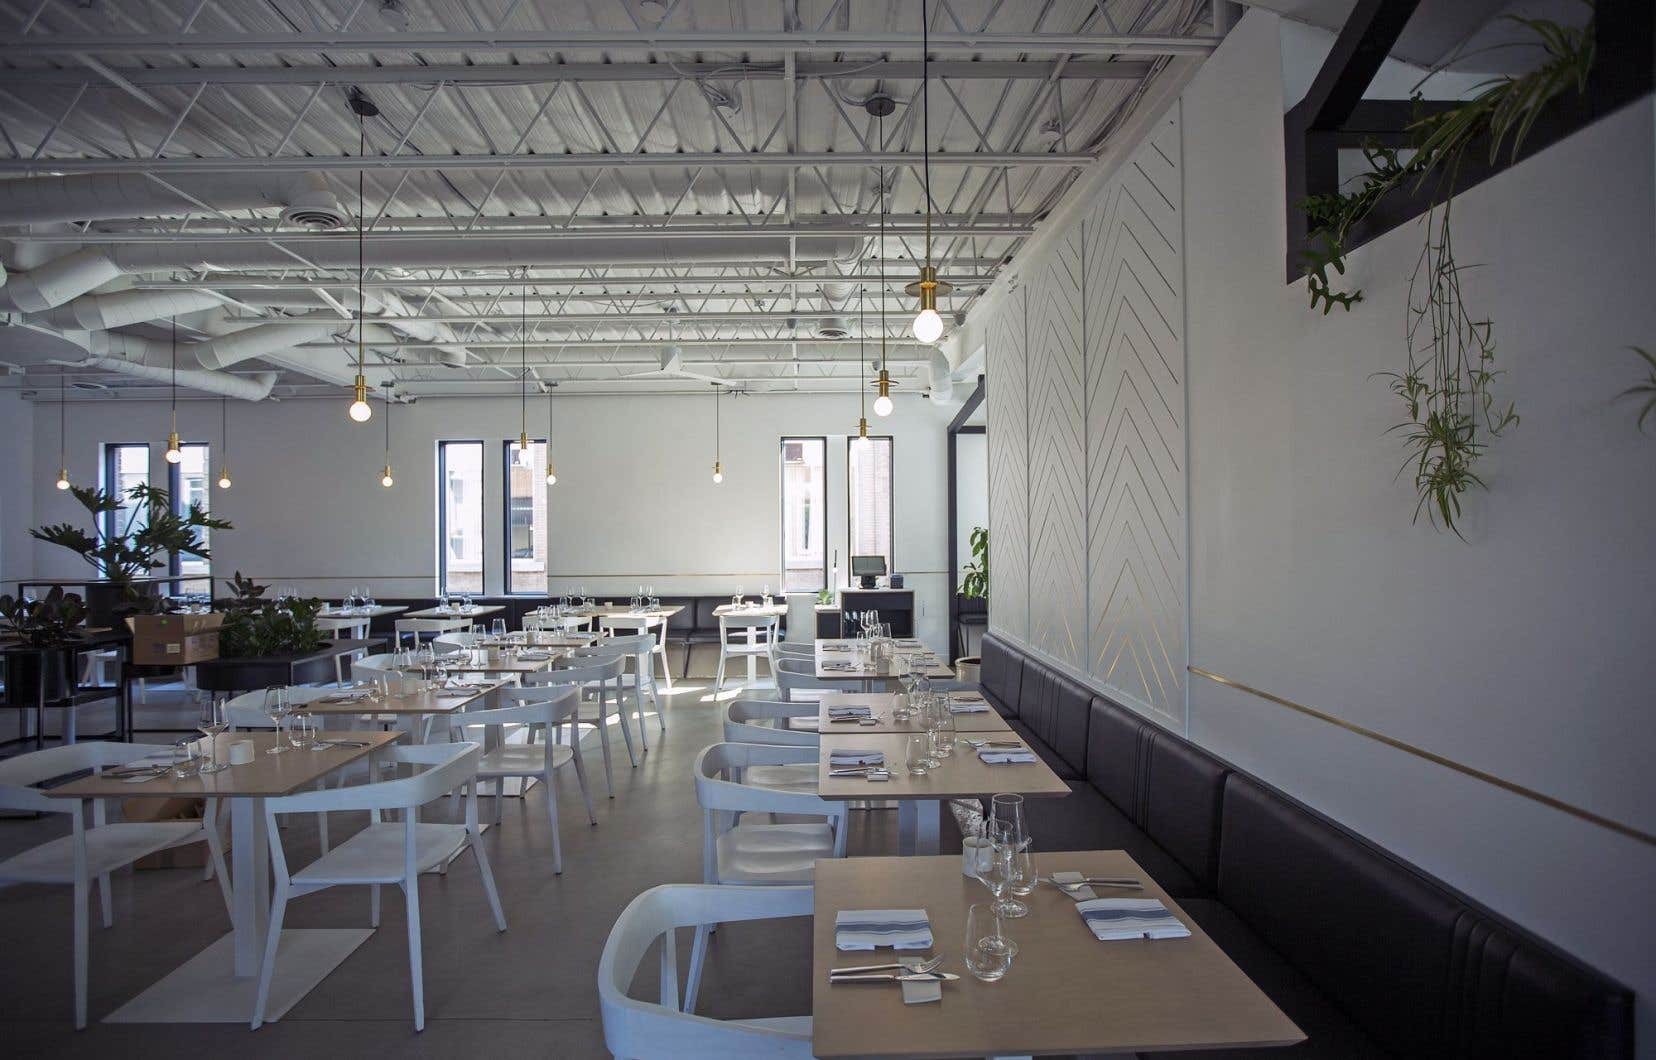 Le nom du restaurant a des accents scandinaves, le décor également. On reconnaît également cette touche distinctive dans l'approche globale que le chef privilégie pour ses assiettes.